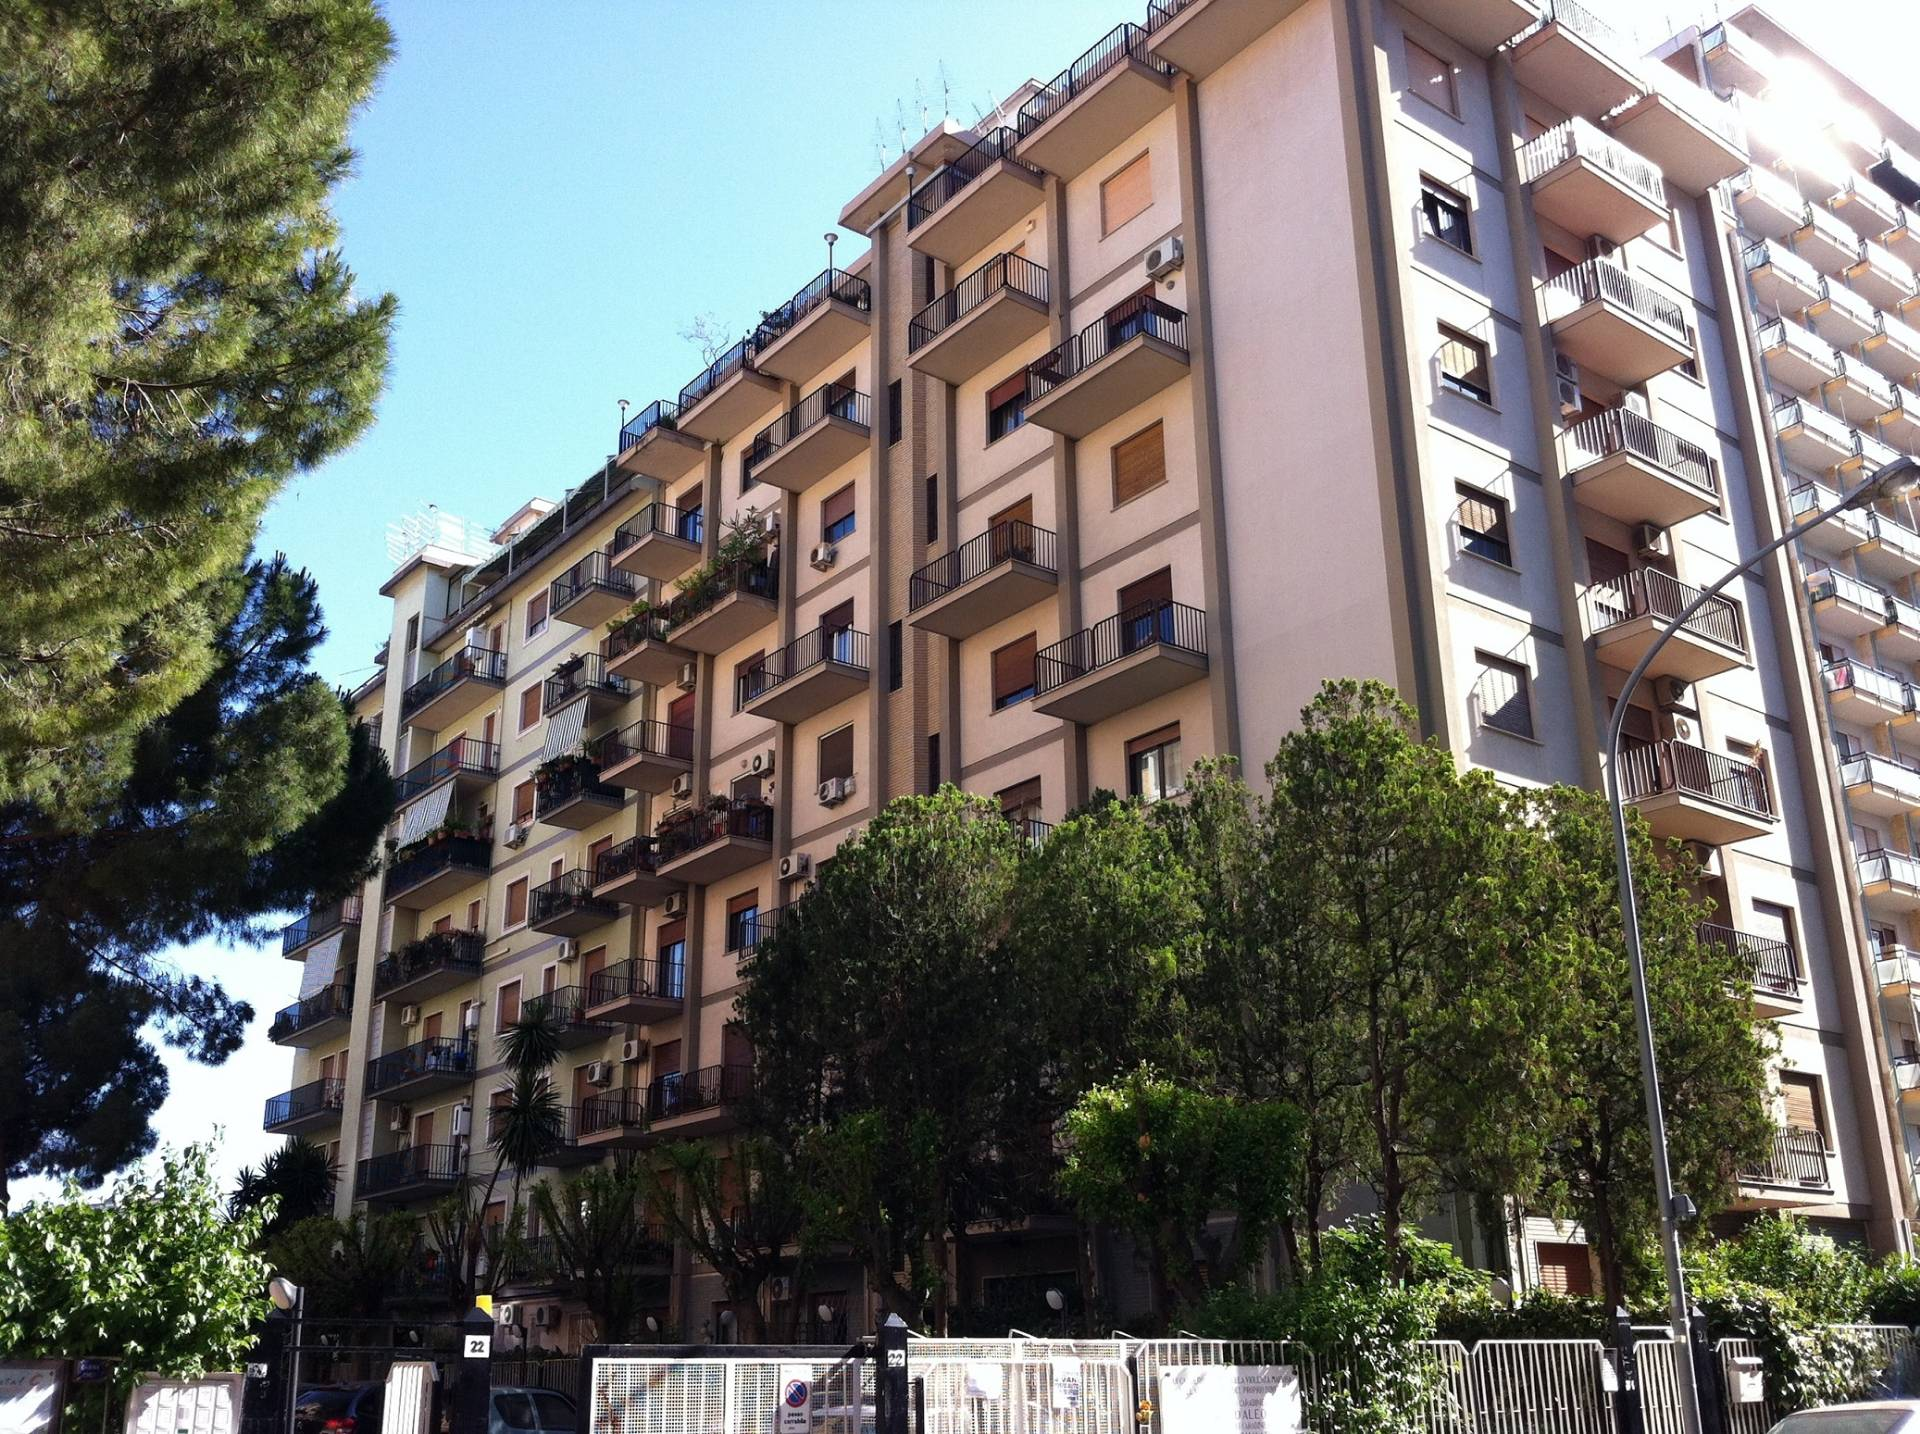 Appartamento in affitto a Palermo, 3 locali, prezzo € 650 | Cambio Casa.it